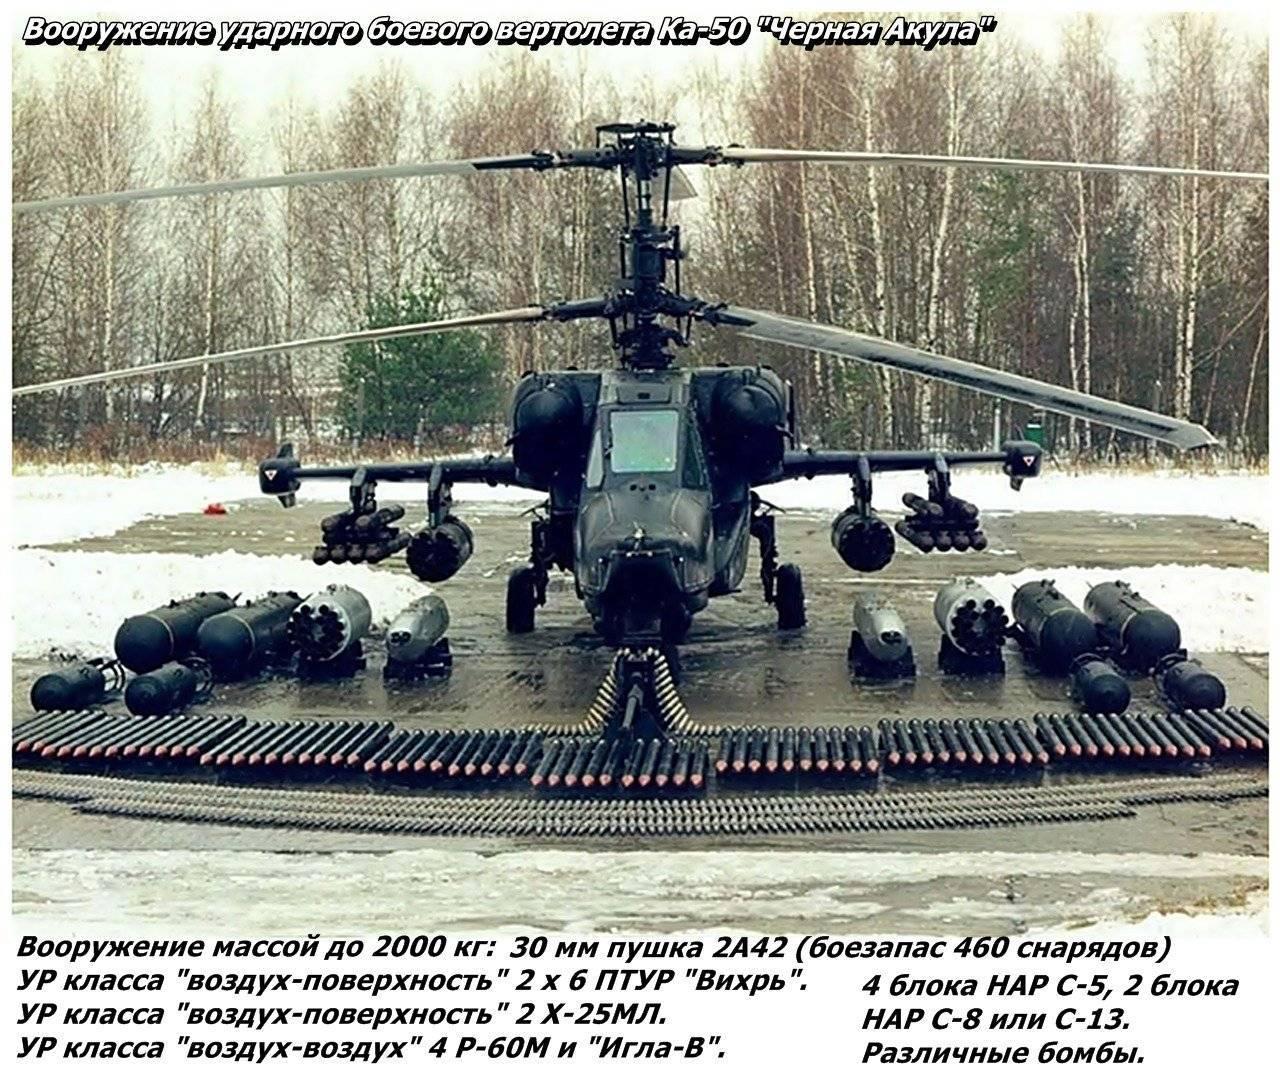 """Боевой ударный вертолет ка-50 """"черная акула"""" , фотографии, описание, тактико-технические характеристики ка-50 """"черная акула"""""""